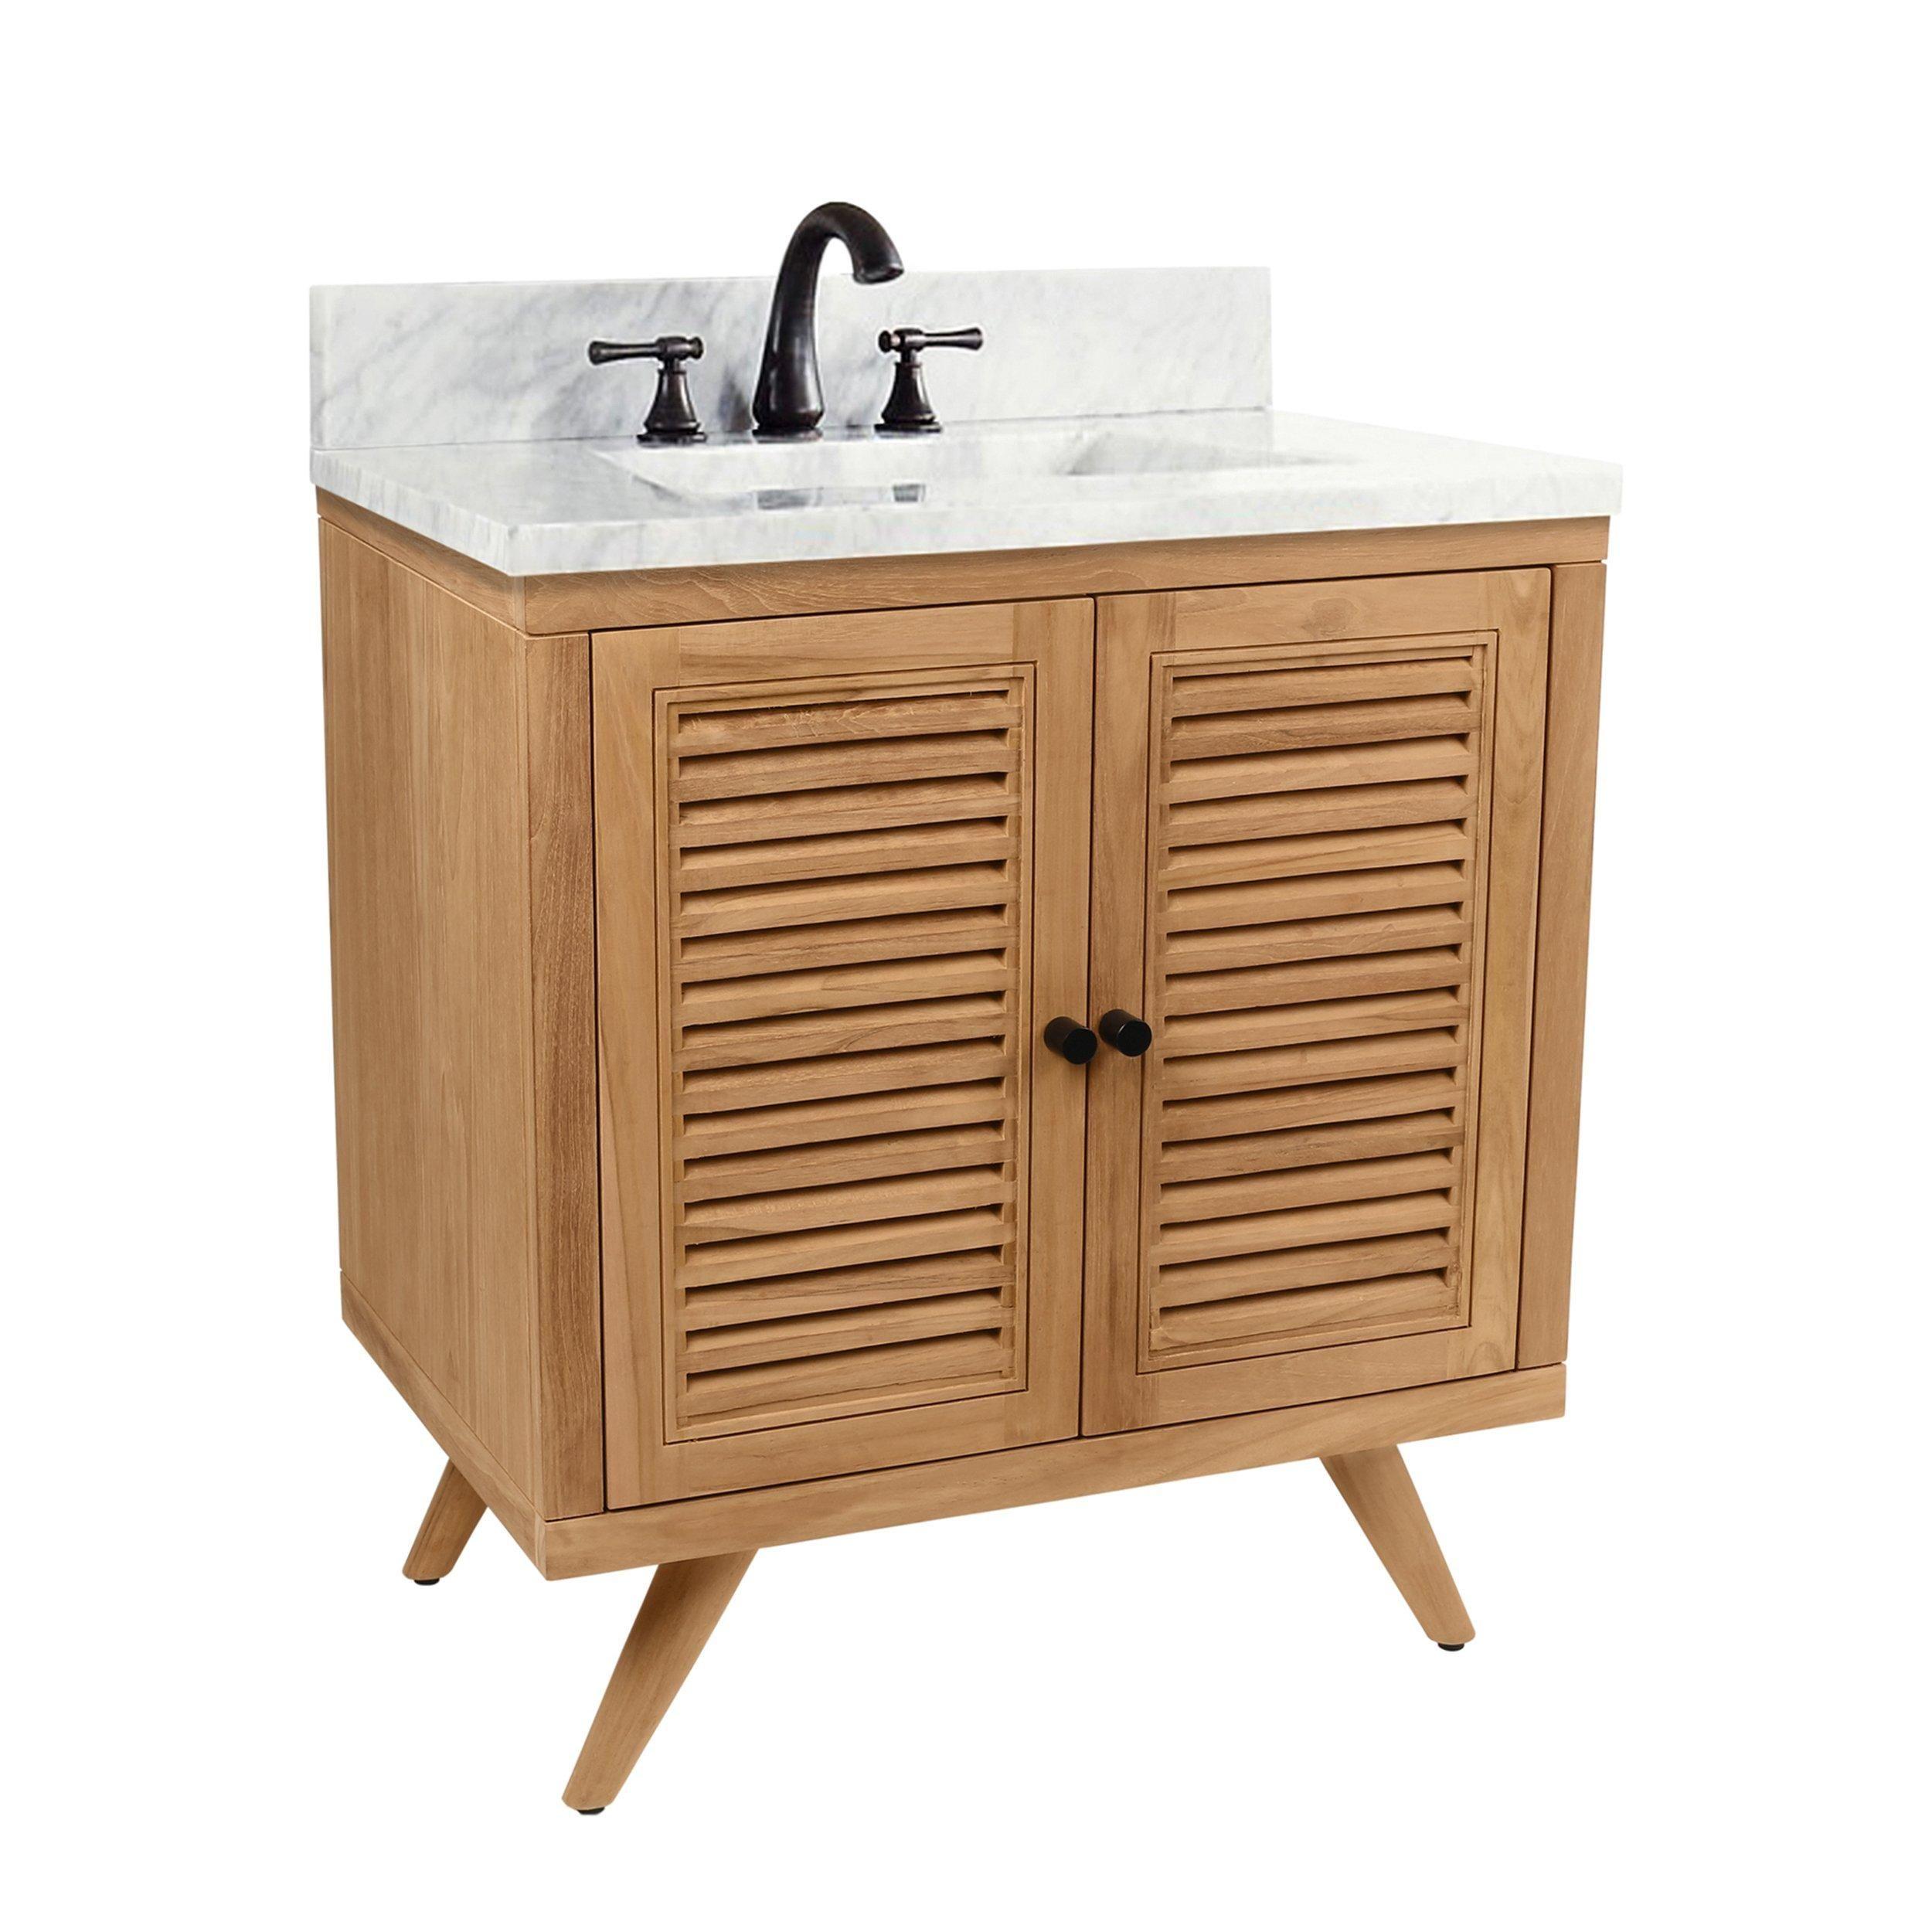 Monroe 31 In Natural Single Vanity With Cararra Top In 2021 Single Bathroom Vanity Bathroom Vanity Bathroom Vanity Base [ 2500 x 2500 Pixel ]